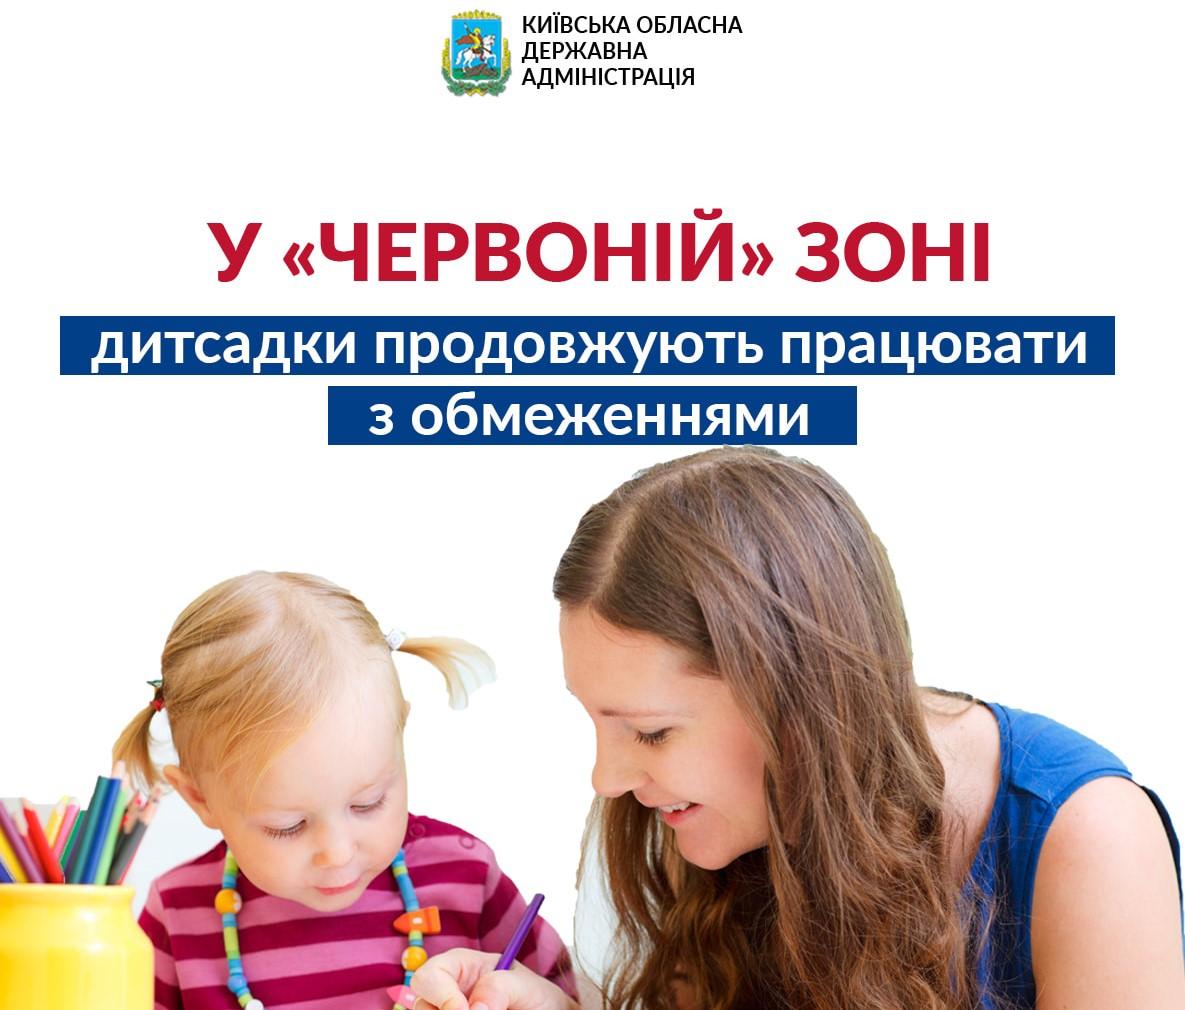 На Київщині дитсадки у «червоній» зоні функціонують - коронавірус, КОДА, карантин, дитсадок - KODA SADKY OBR